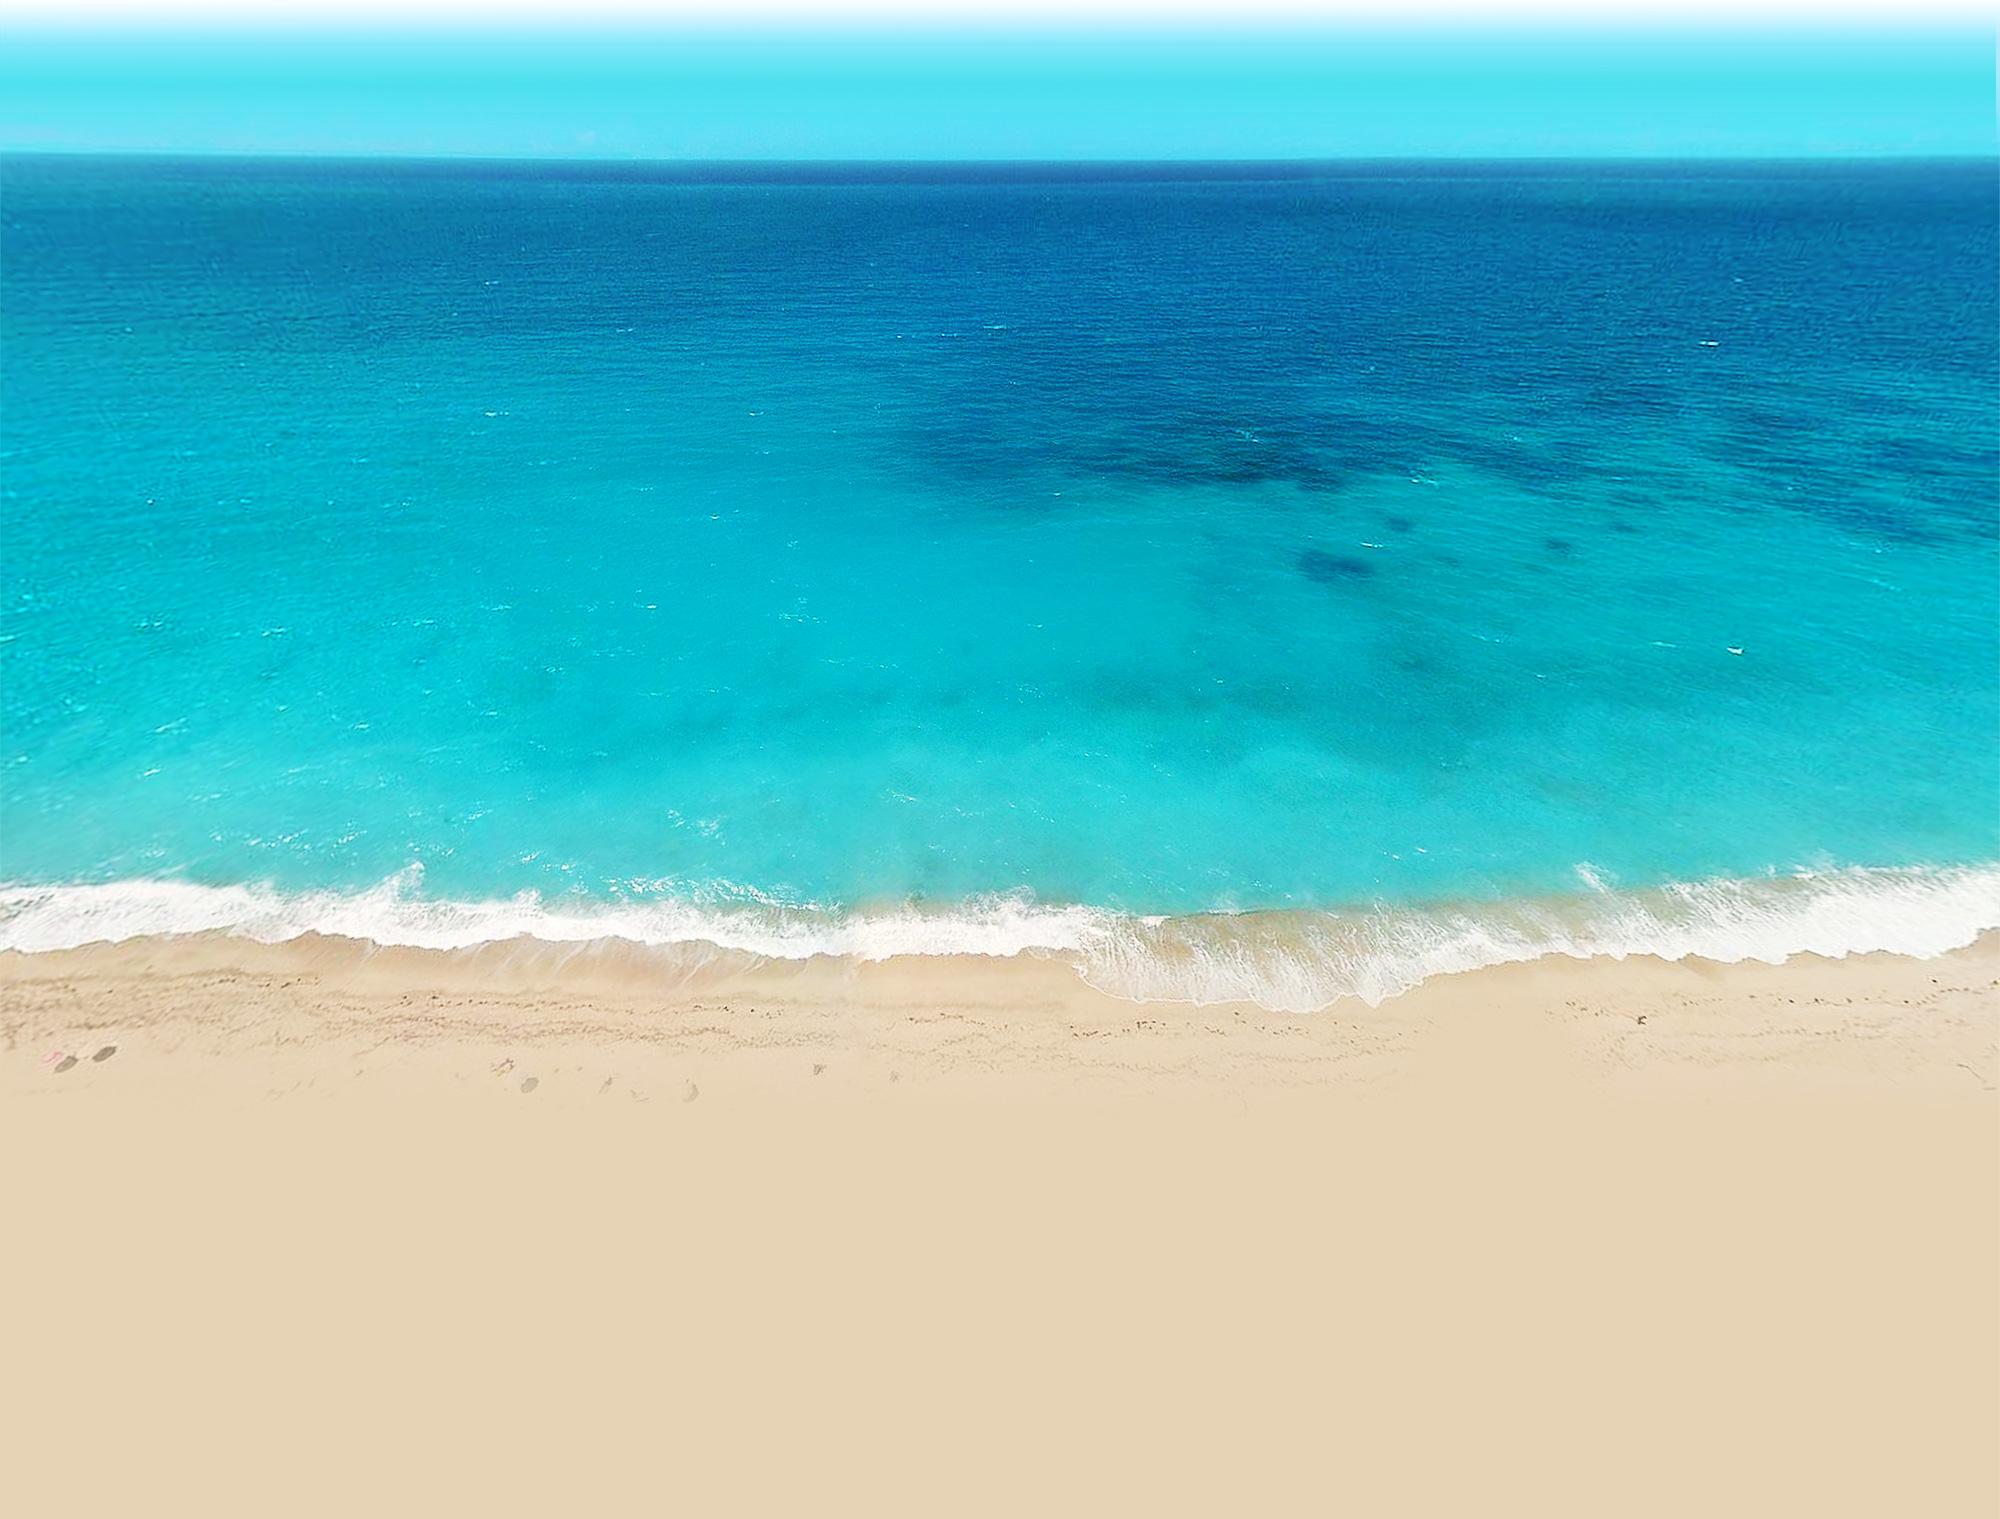 Playa de la arena zierbena - Fotos de hamacas en la playa ...